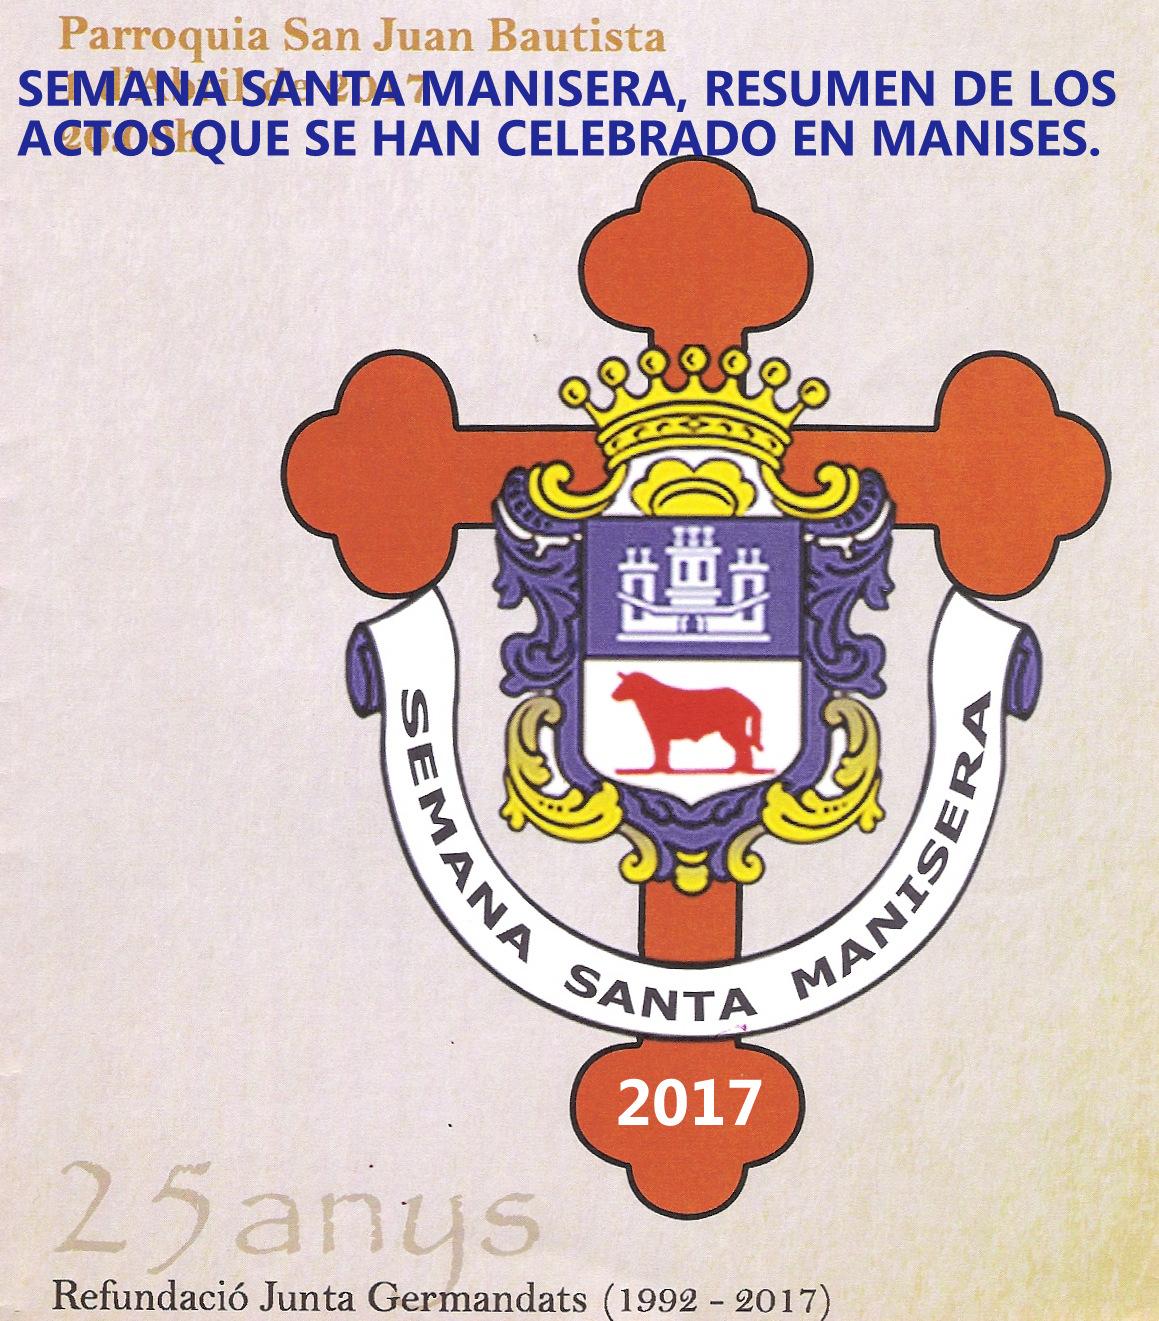 09.04.17 SEMANA SANTA DE 2017, ACTOS CELEBRADOS EN LA CIUDAD DE MANISES